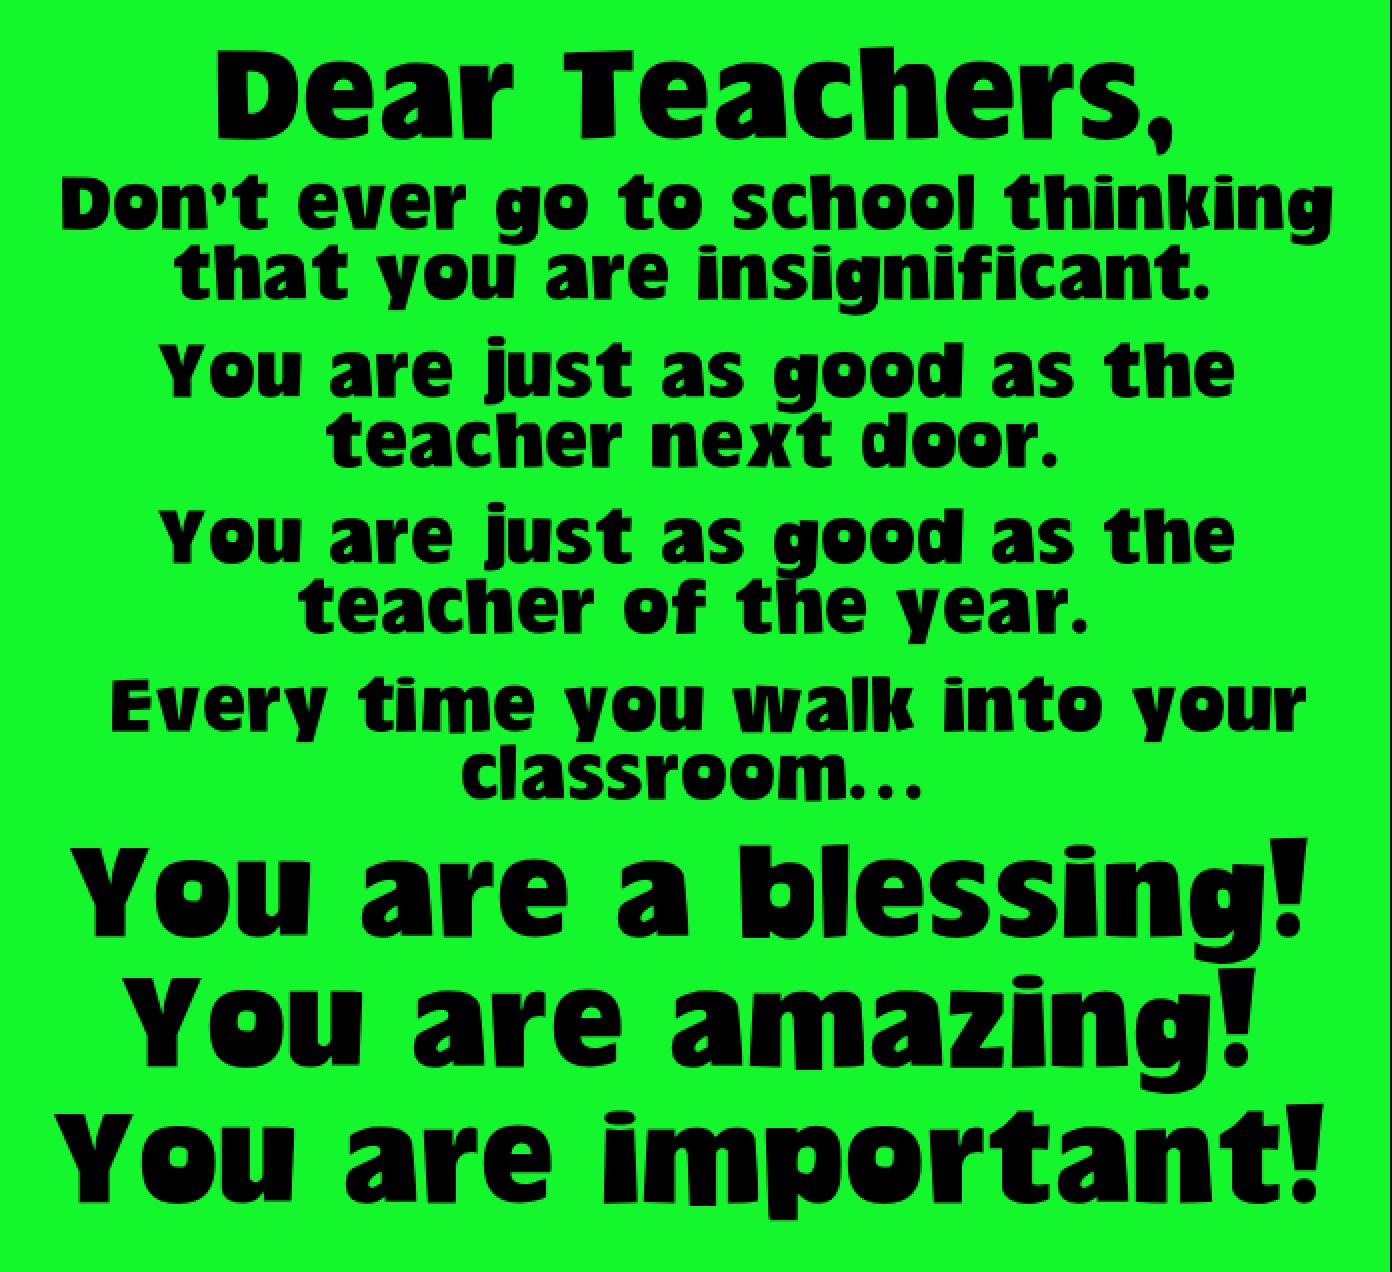 Teacher Inspiration Teacher Motivation Teacher Quotes Inspirational Teacher Motivation Motivational Quotes For Teachers